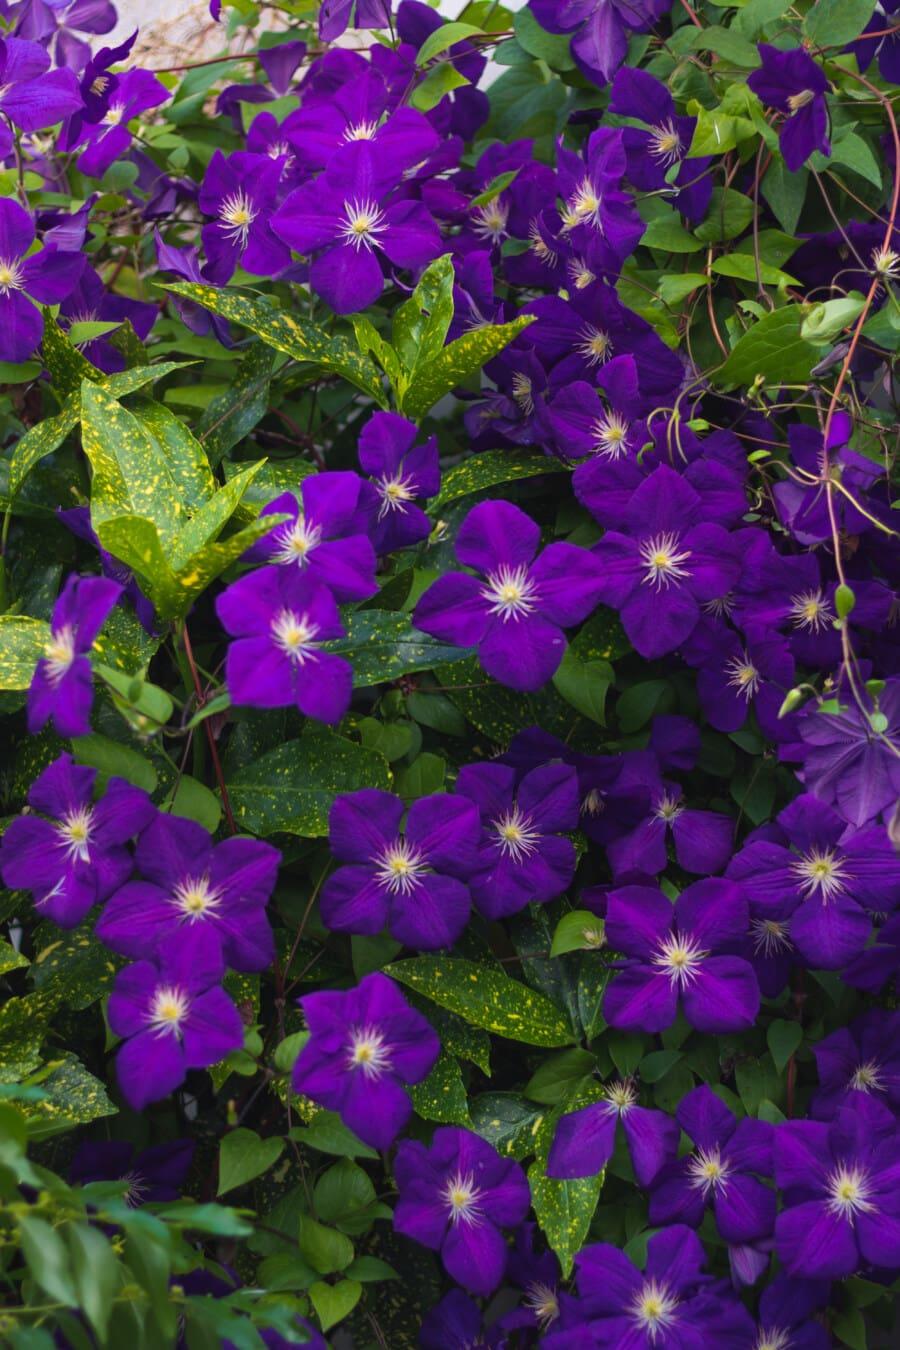 fleurs, clématite, mauvaises herbes, violacé, fleur, nature, herbe, flore, plante, feuille